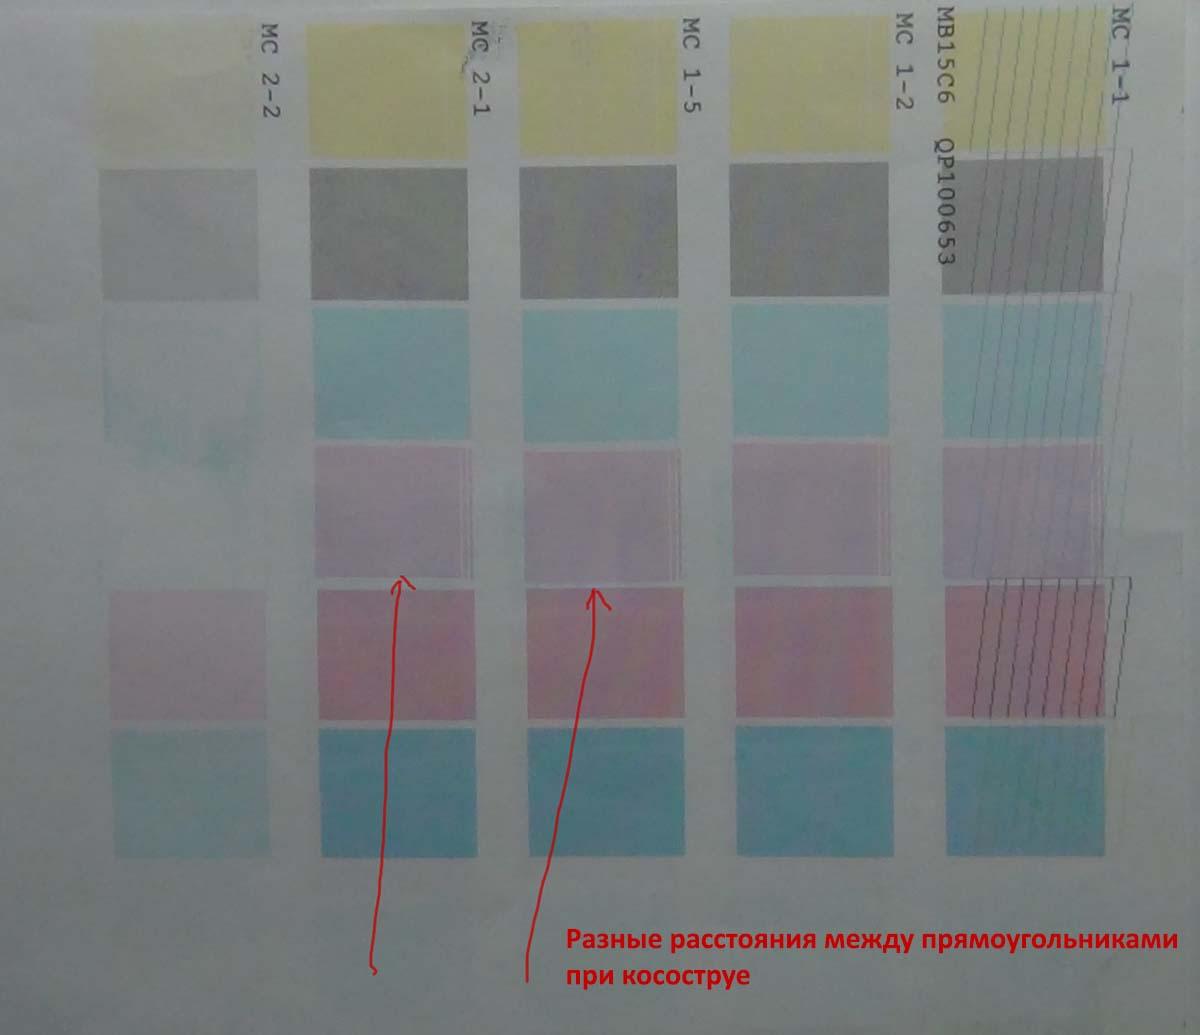 Косоструй. Тест режимов печати, разные расстояния и неровные линии